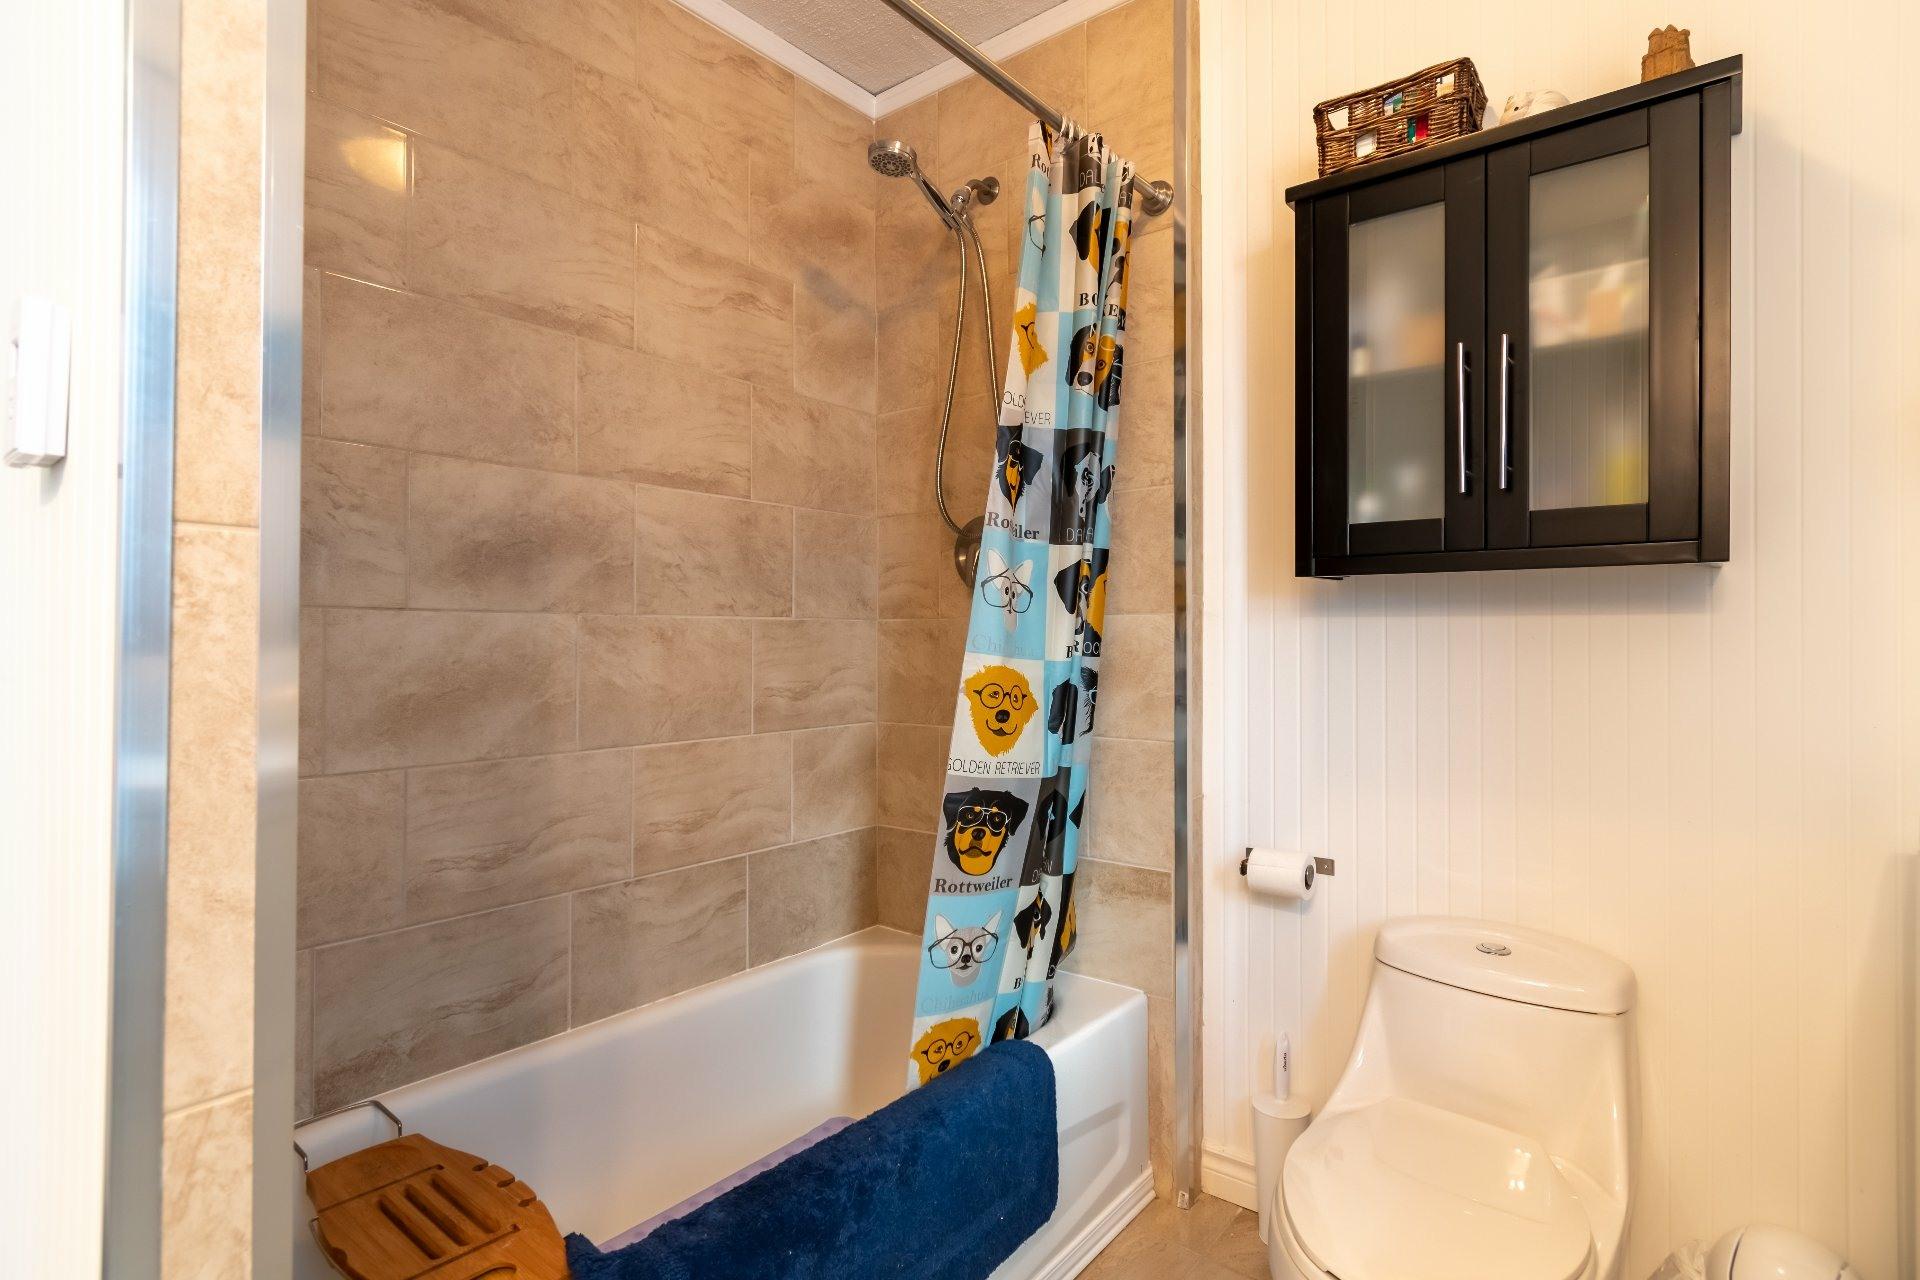 image 9 - Duplex For sale Trois-Rivières - 4 rooms